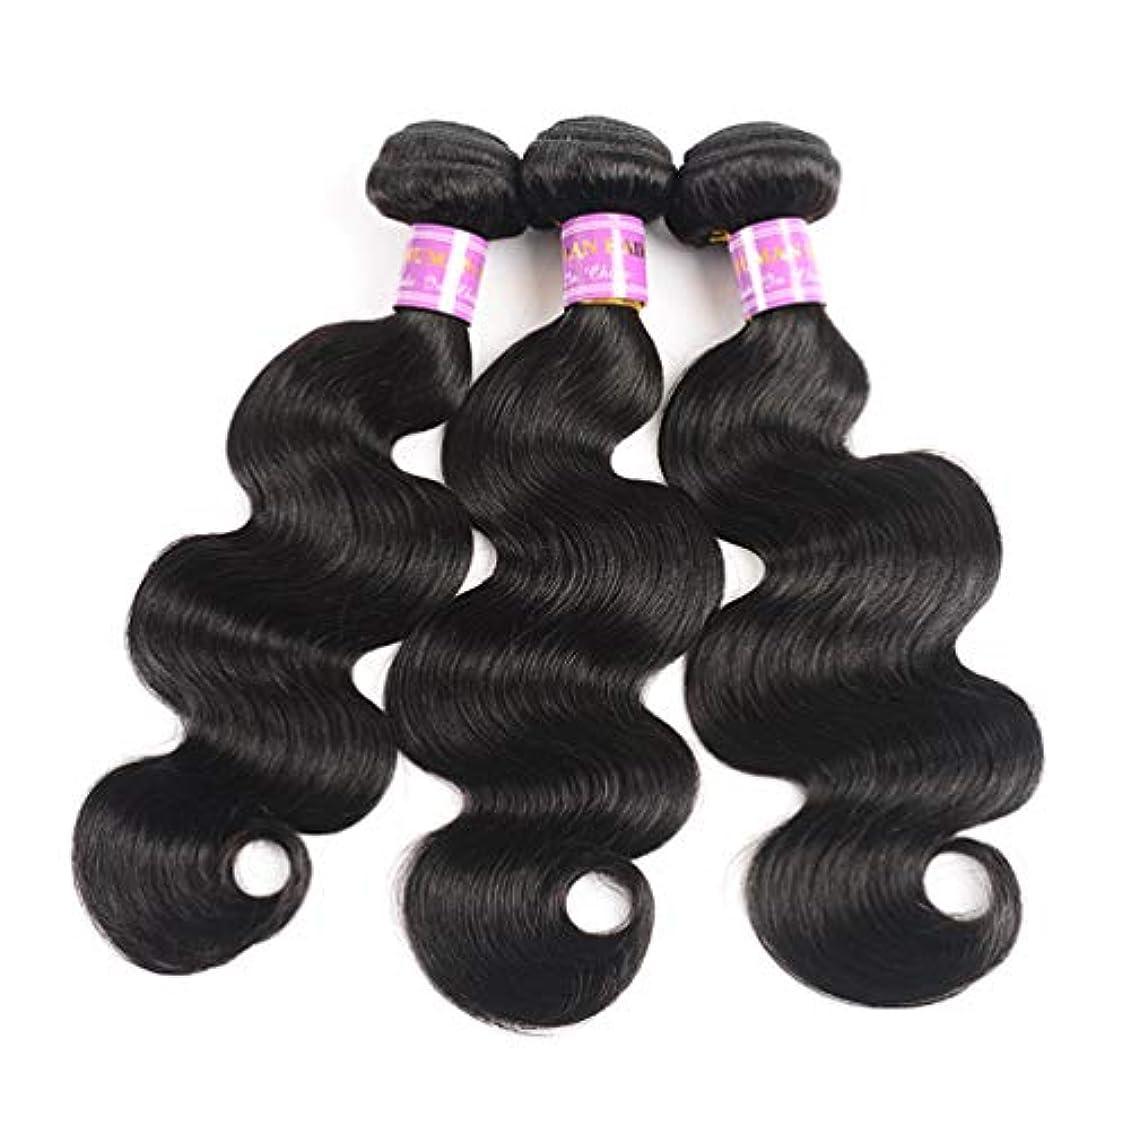 ブラジルのバージンの毛3は100%の加工されていない人間の毛髪の束自然な色のブラジルの毛延長毛を束ねます